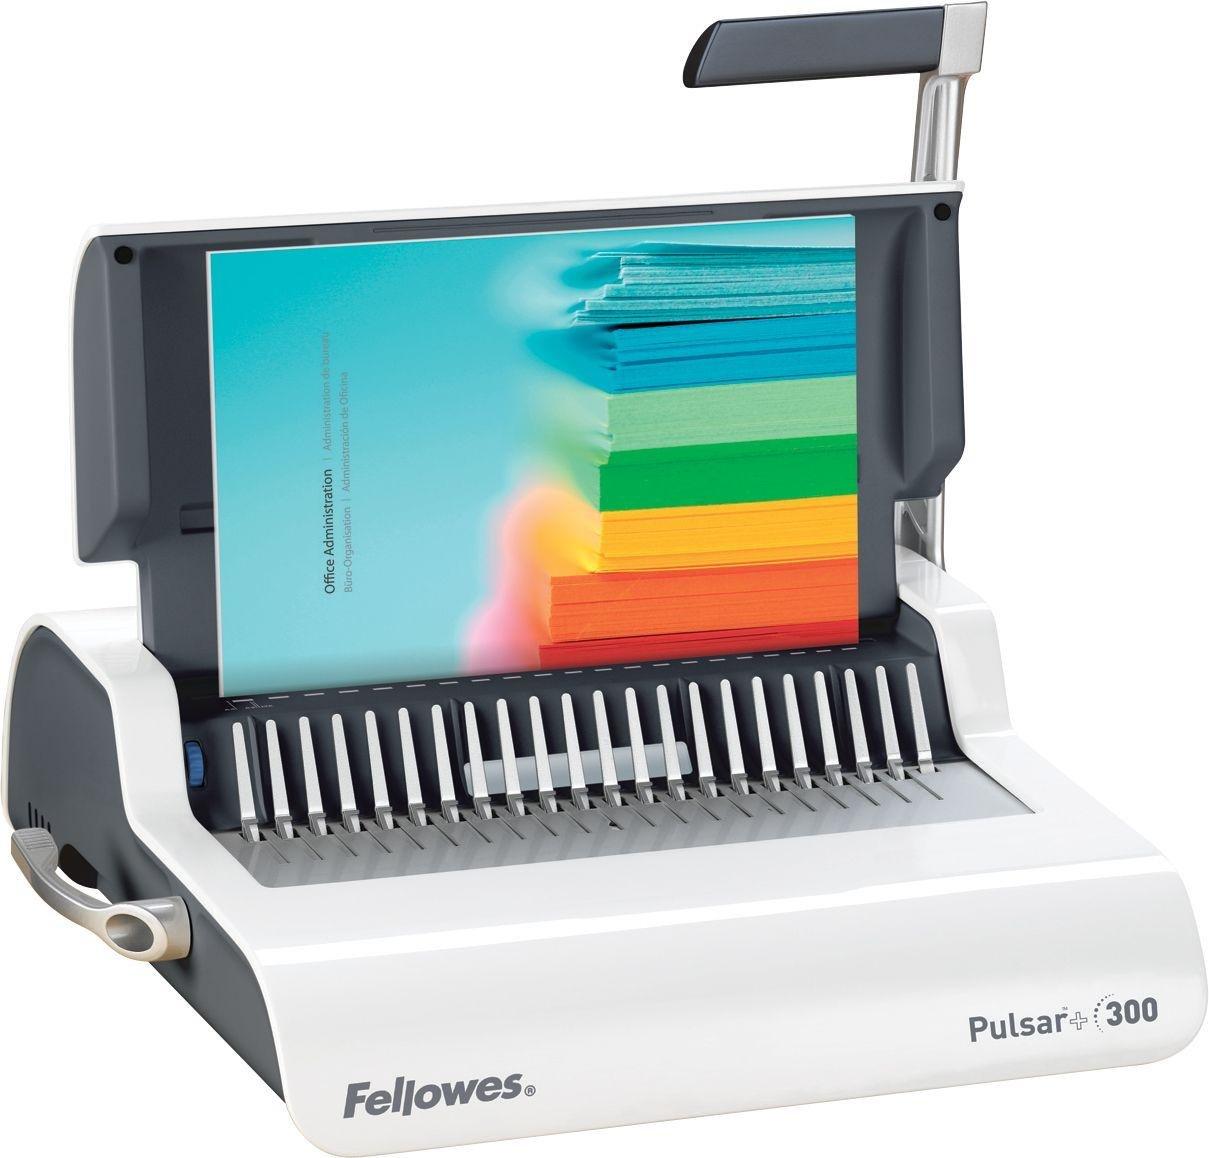 fellowes-pulsar-a4-comb-binder